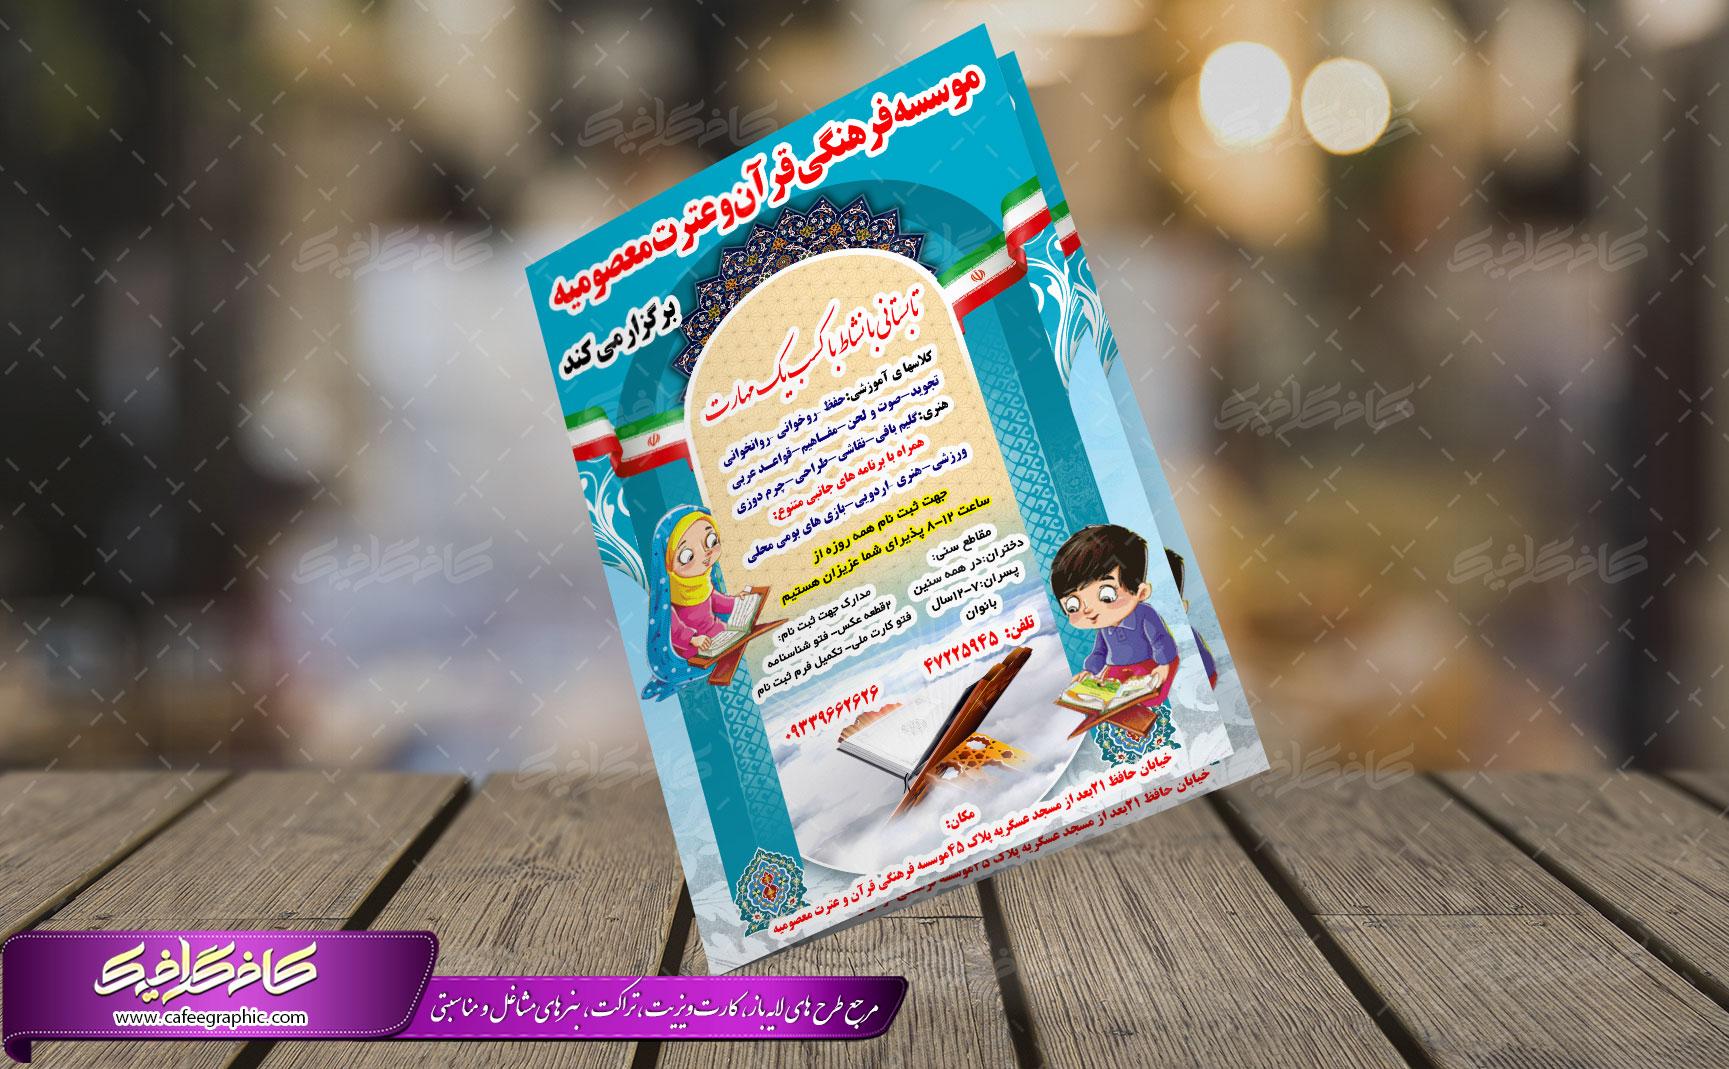 تراکت برگزاری کلاس های قرآنی برای کودکان